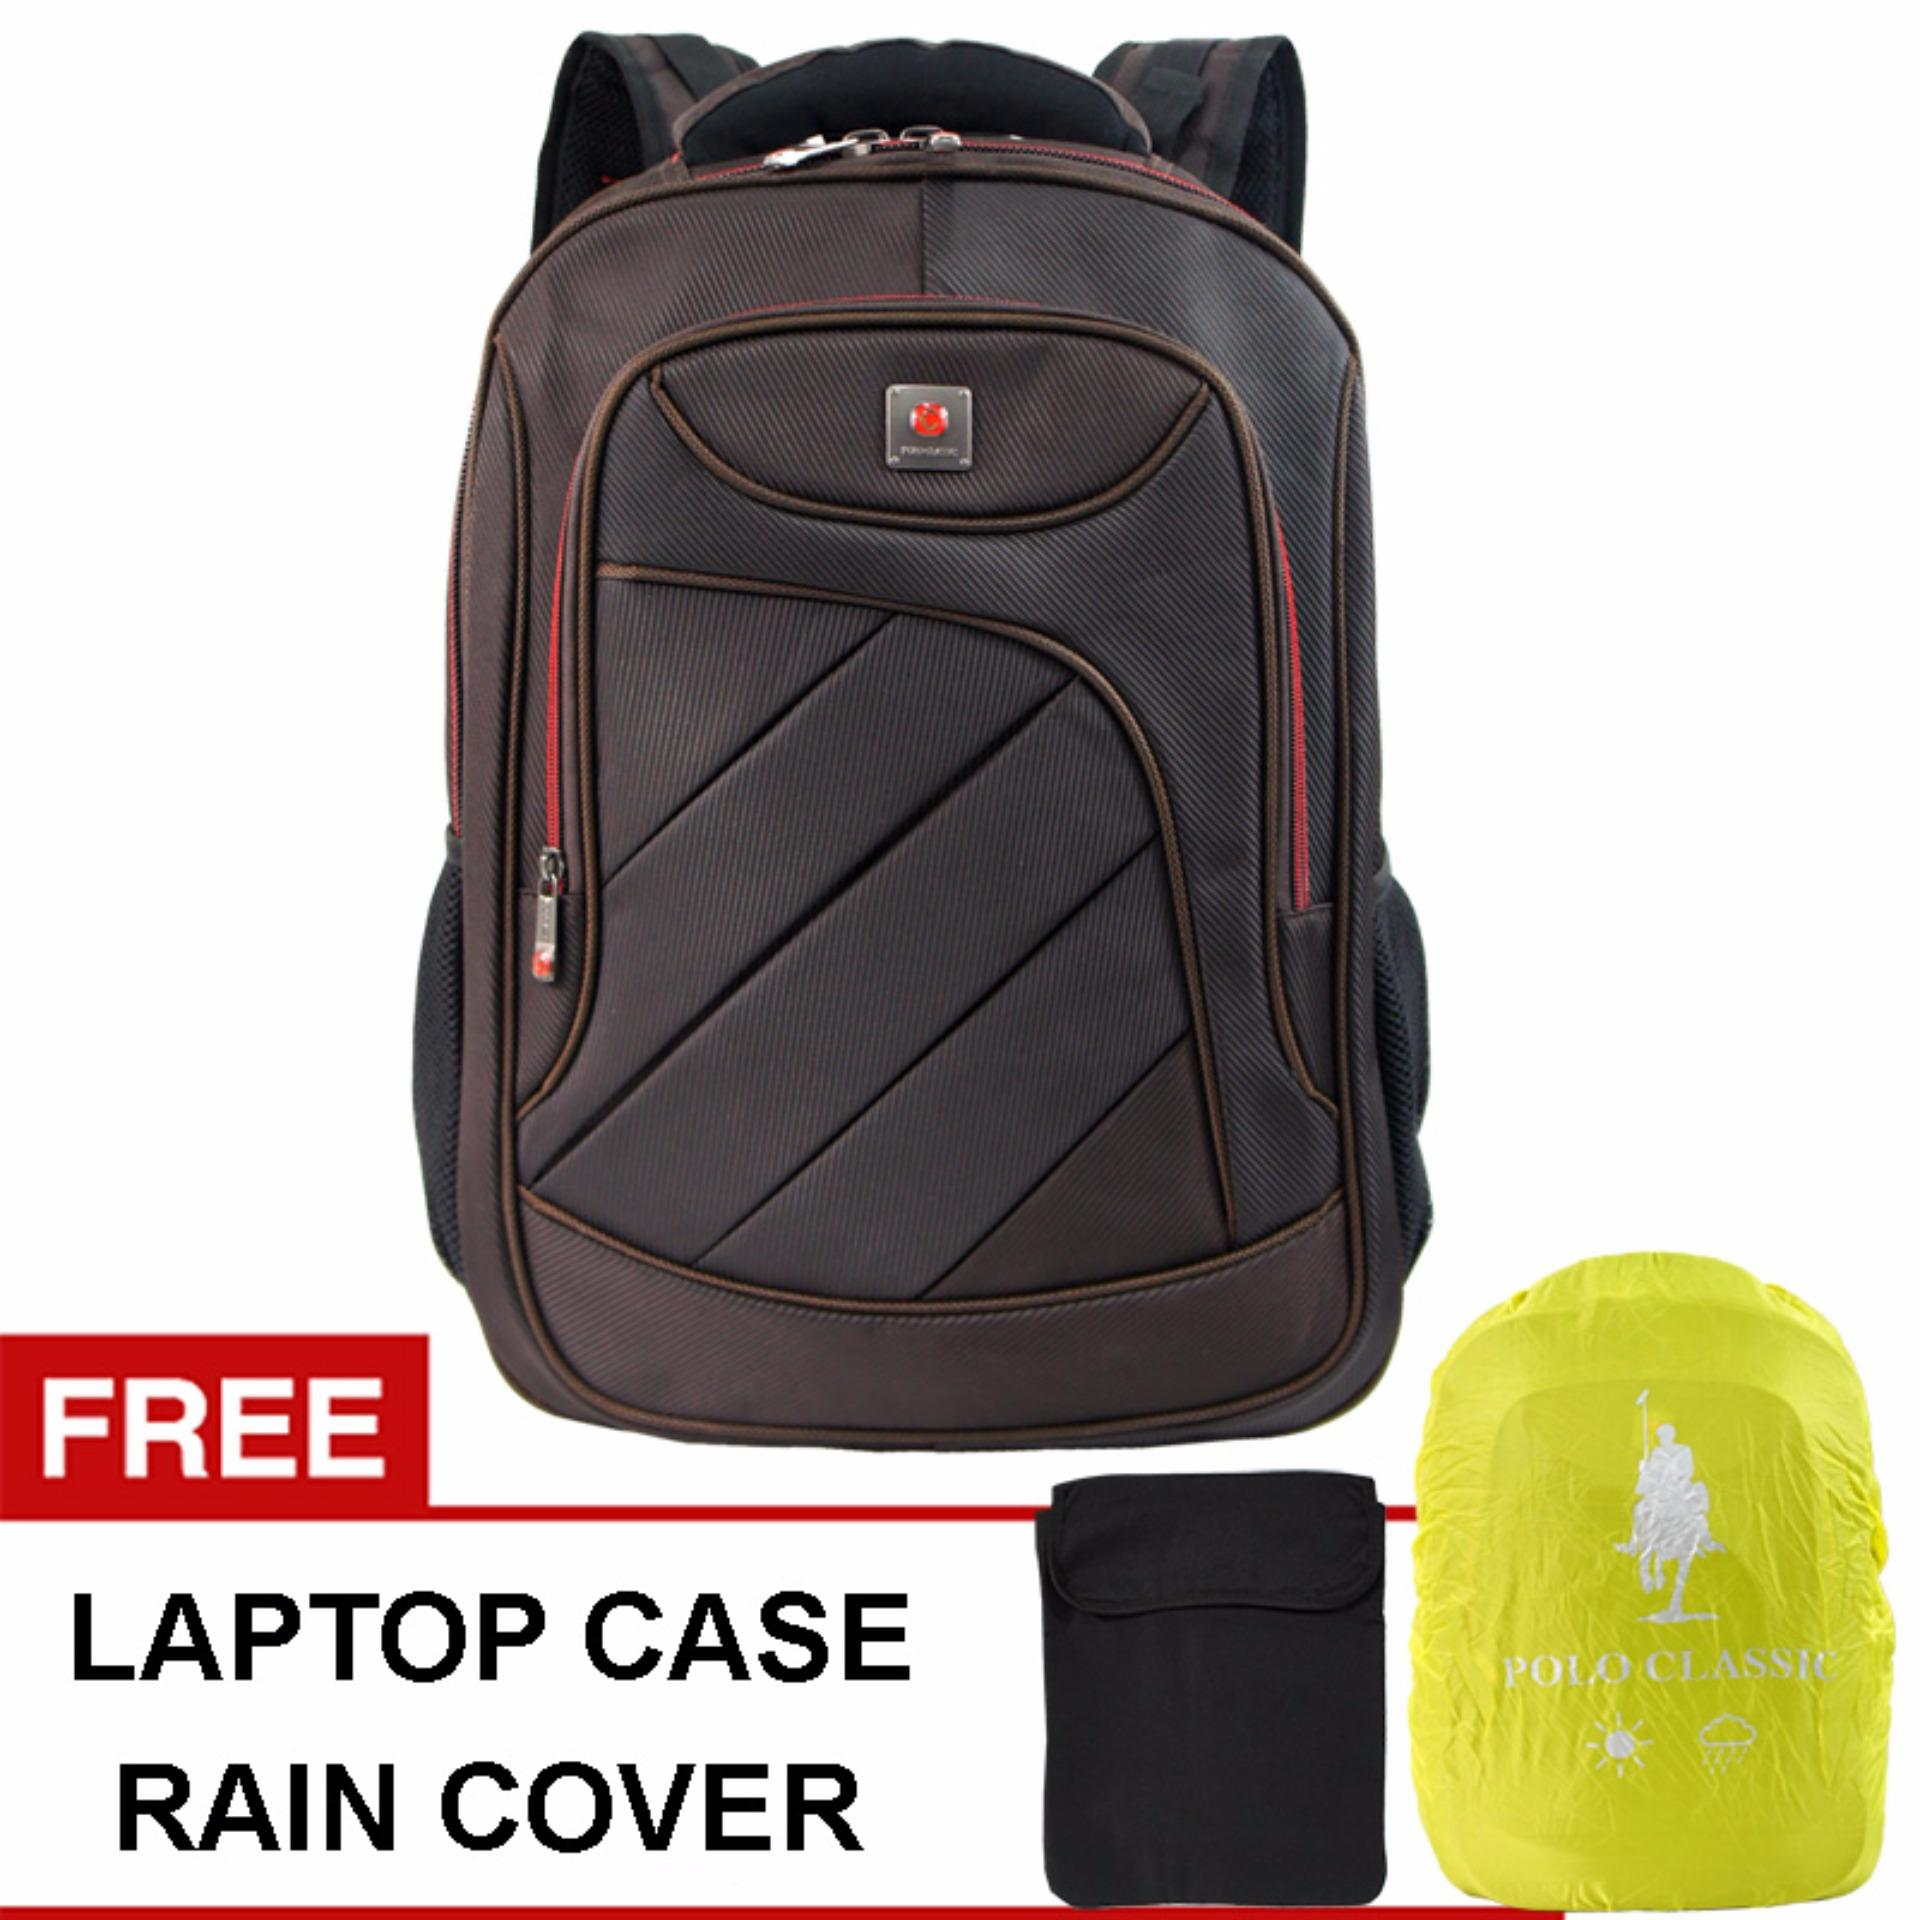 Toko Polo Classic 18076 21 Backpack Rain Cover Coffee Tas Ransel Tas Sekolah Tas Pria Tas Wanita Online Dki Jakarta